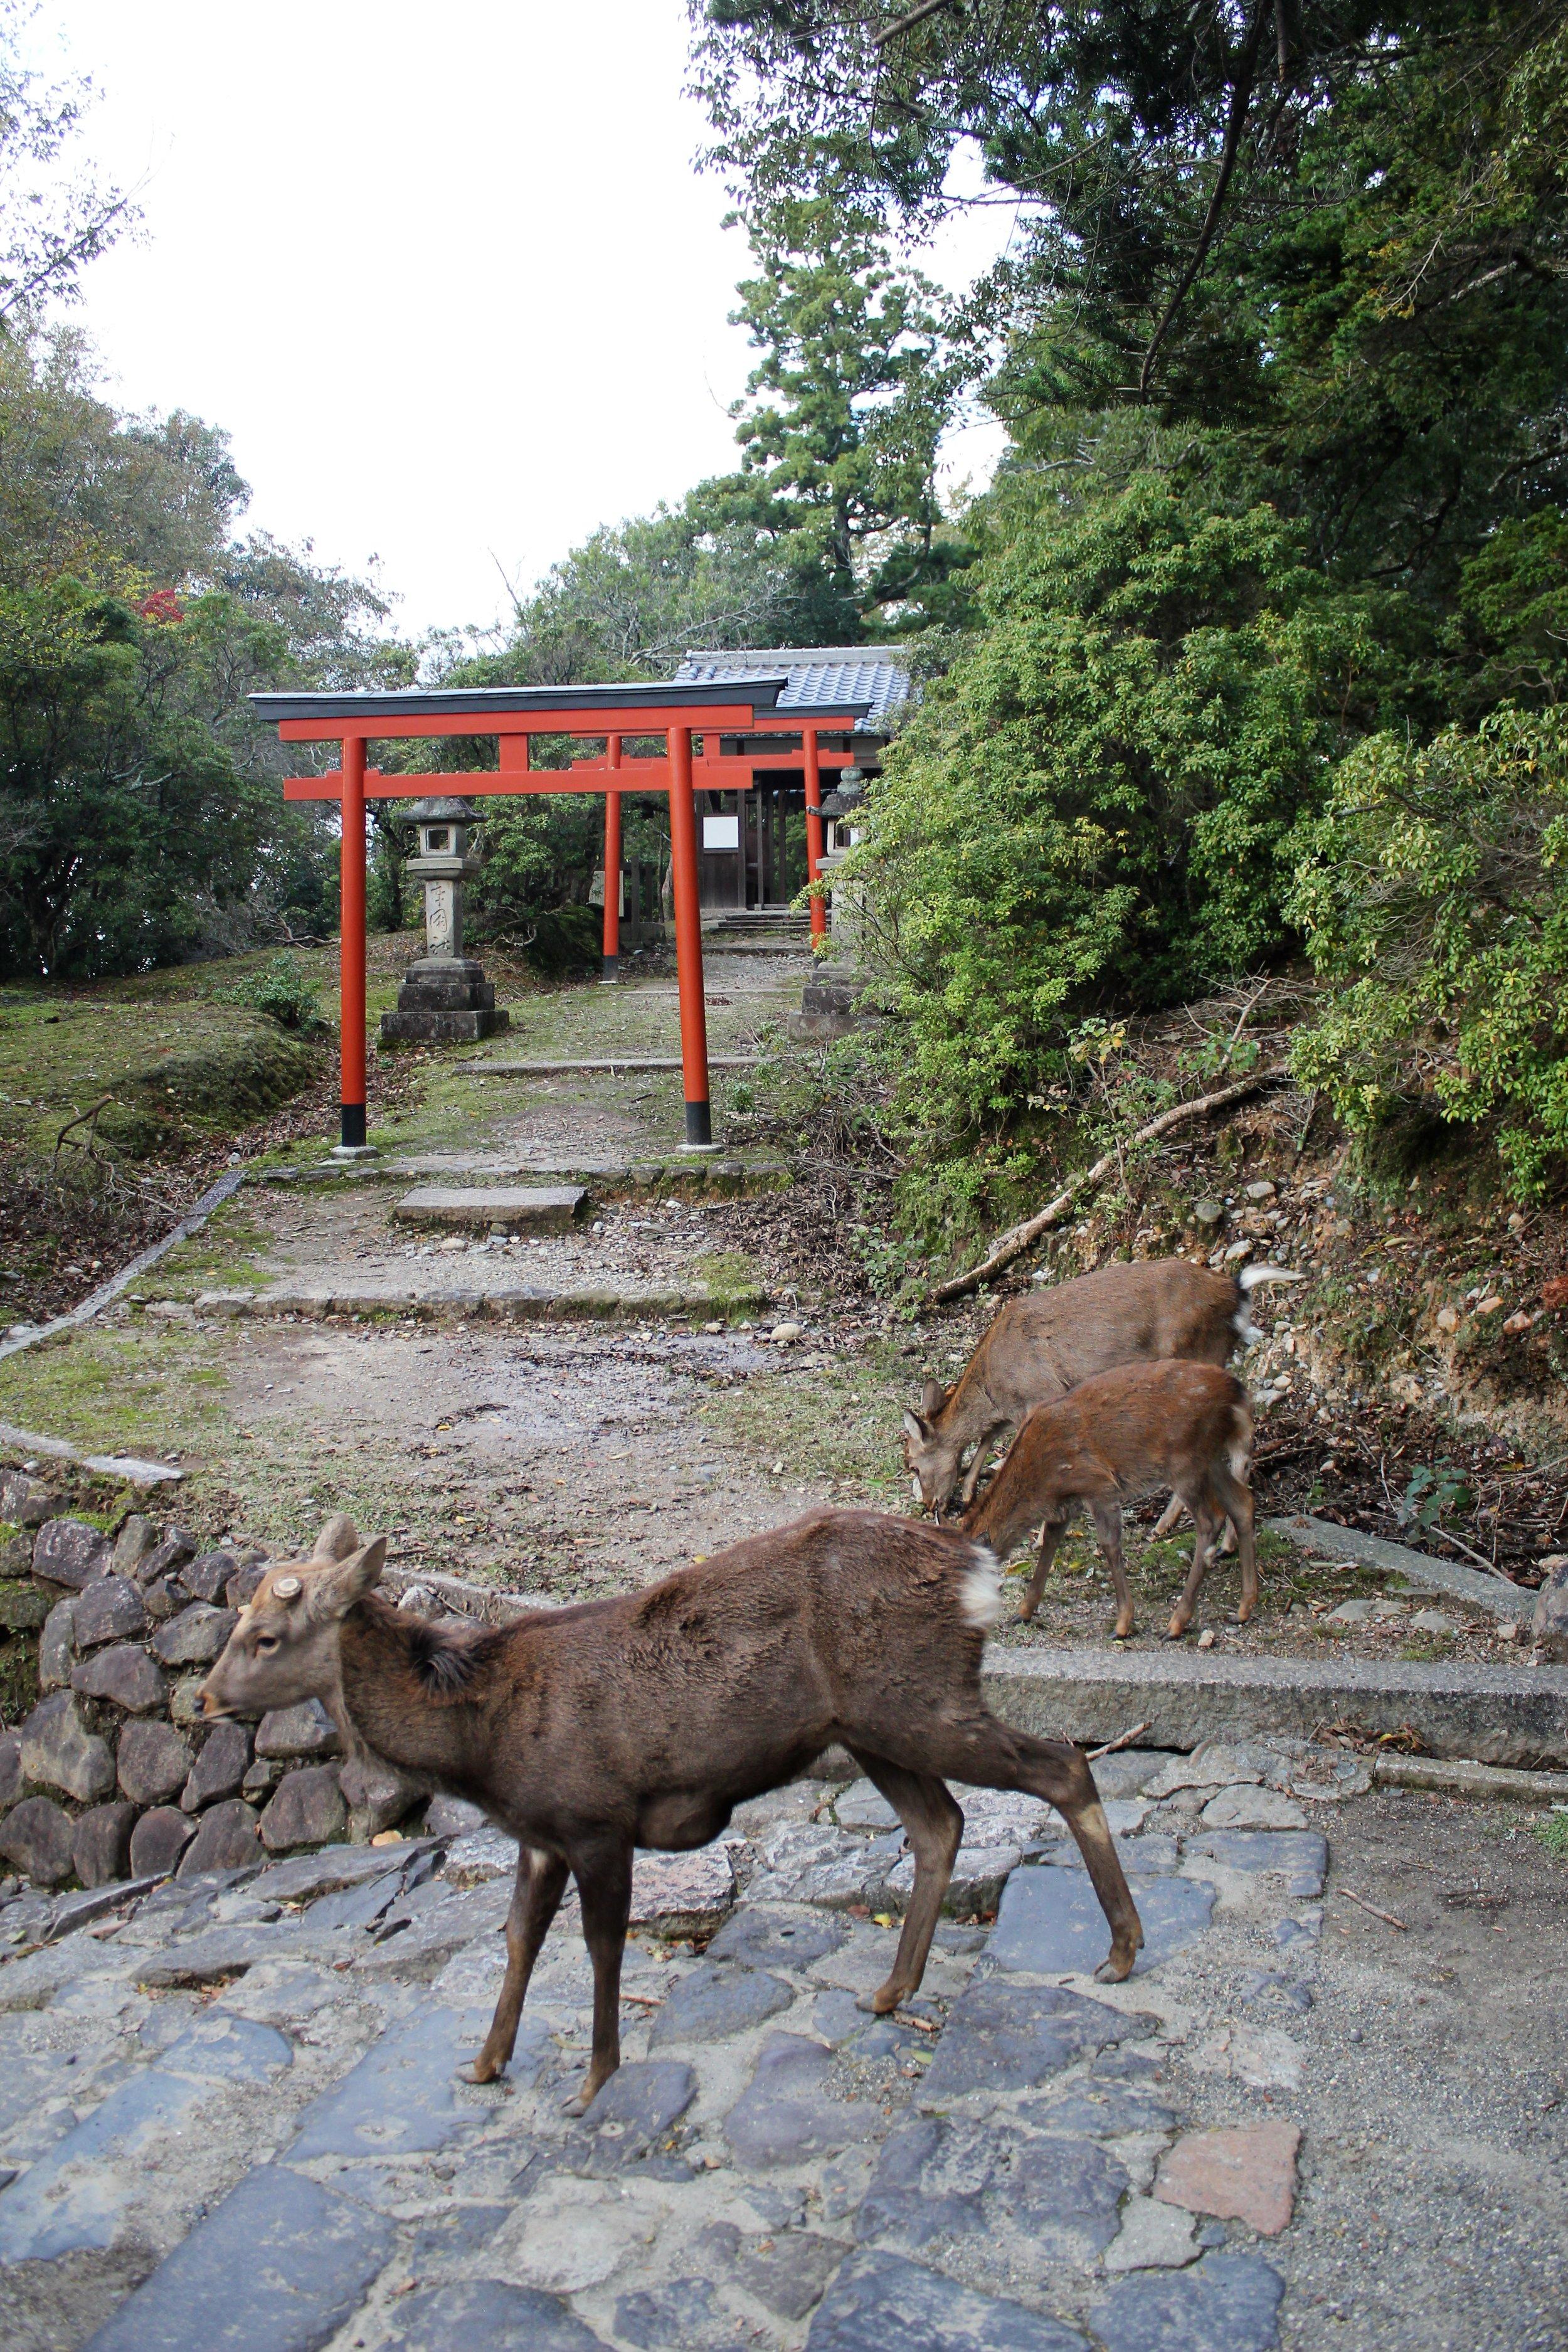 Family of Deer in Nara Park Japan